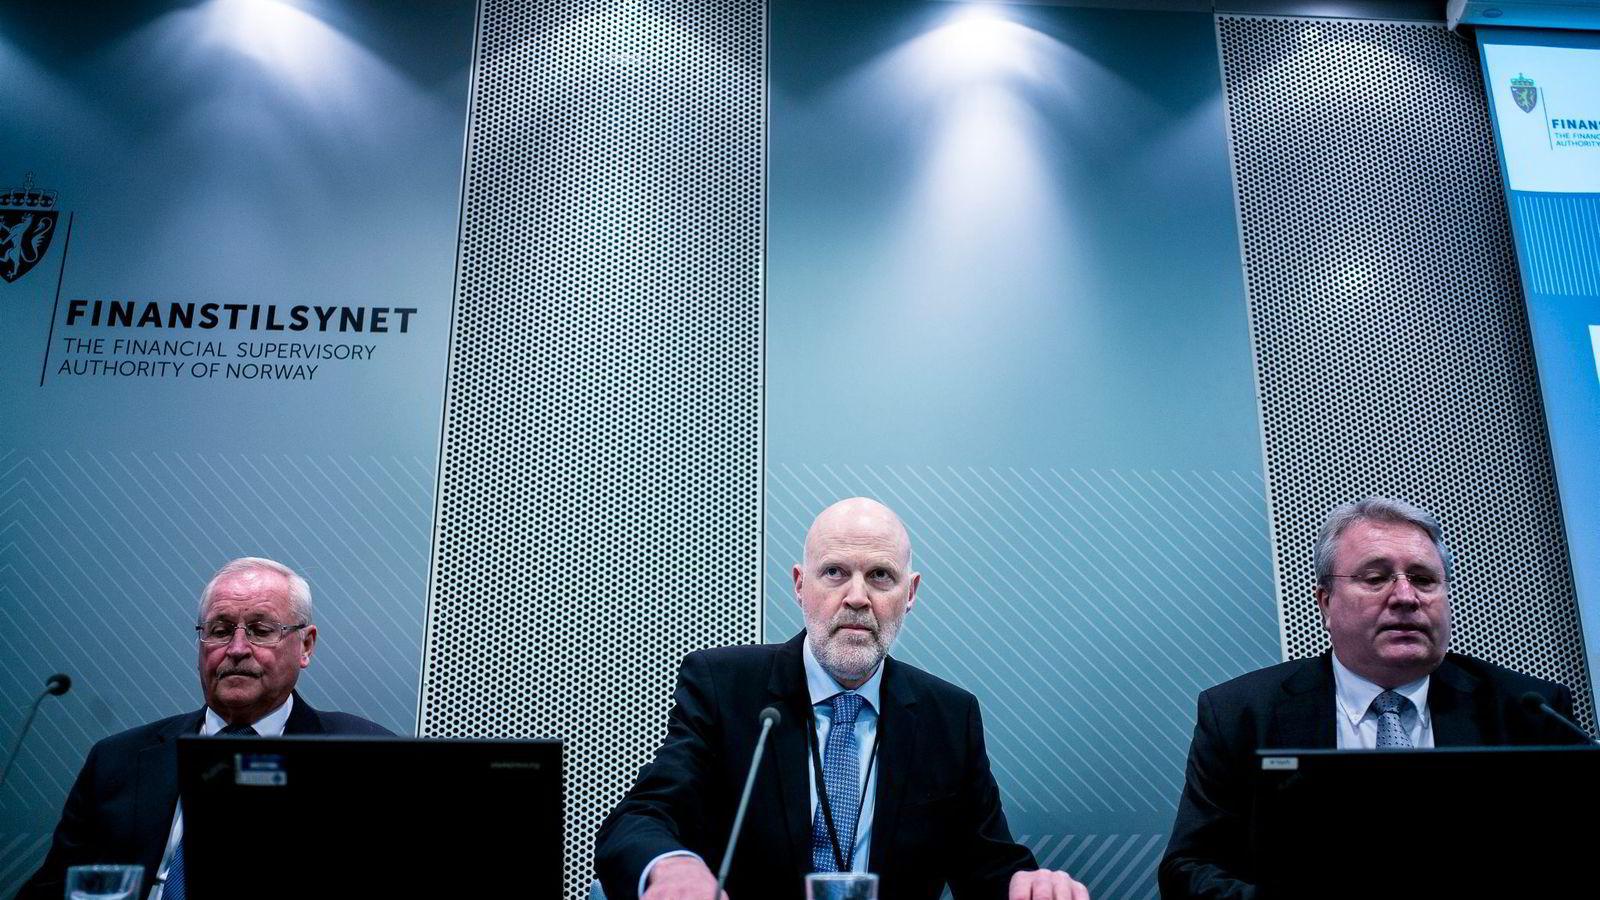 Finanstilsynets direktør Morten Baltzersen (i midten) mener pensjonsselskaper må være åpne om provisjonen de mottar fra fondsleverandører. Til venstre fungerende direktør for bank- og forsikringstilsyn Erik Lind Iversen, til høyre kommunikasjonsdirektør Kjetil Karsrud.